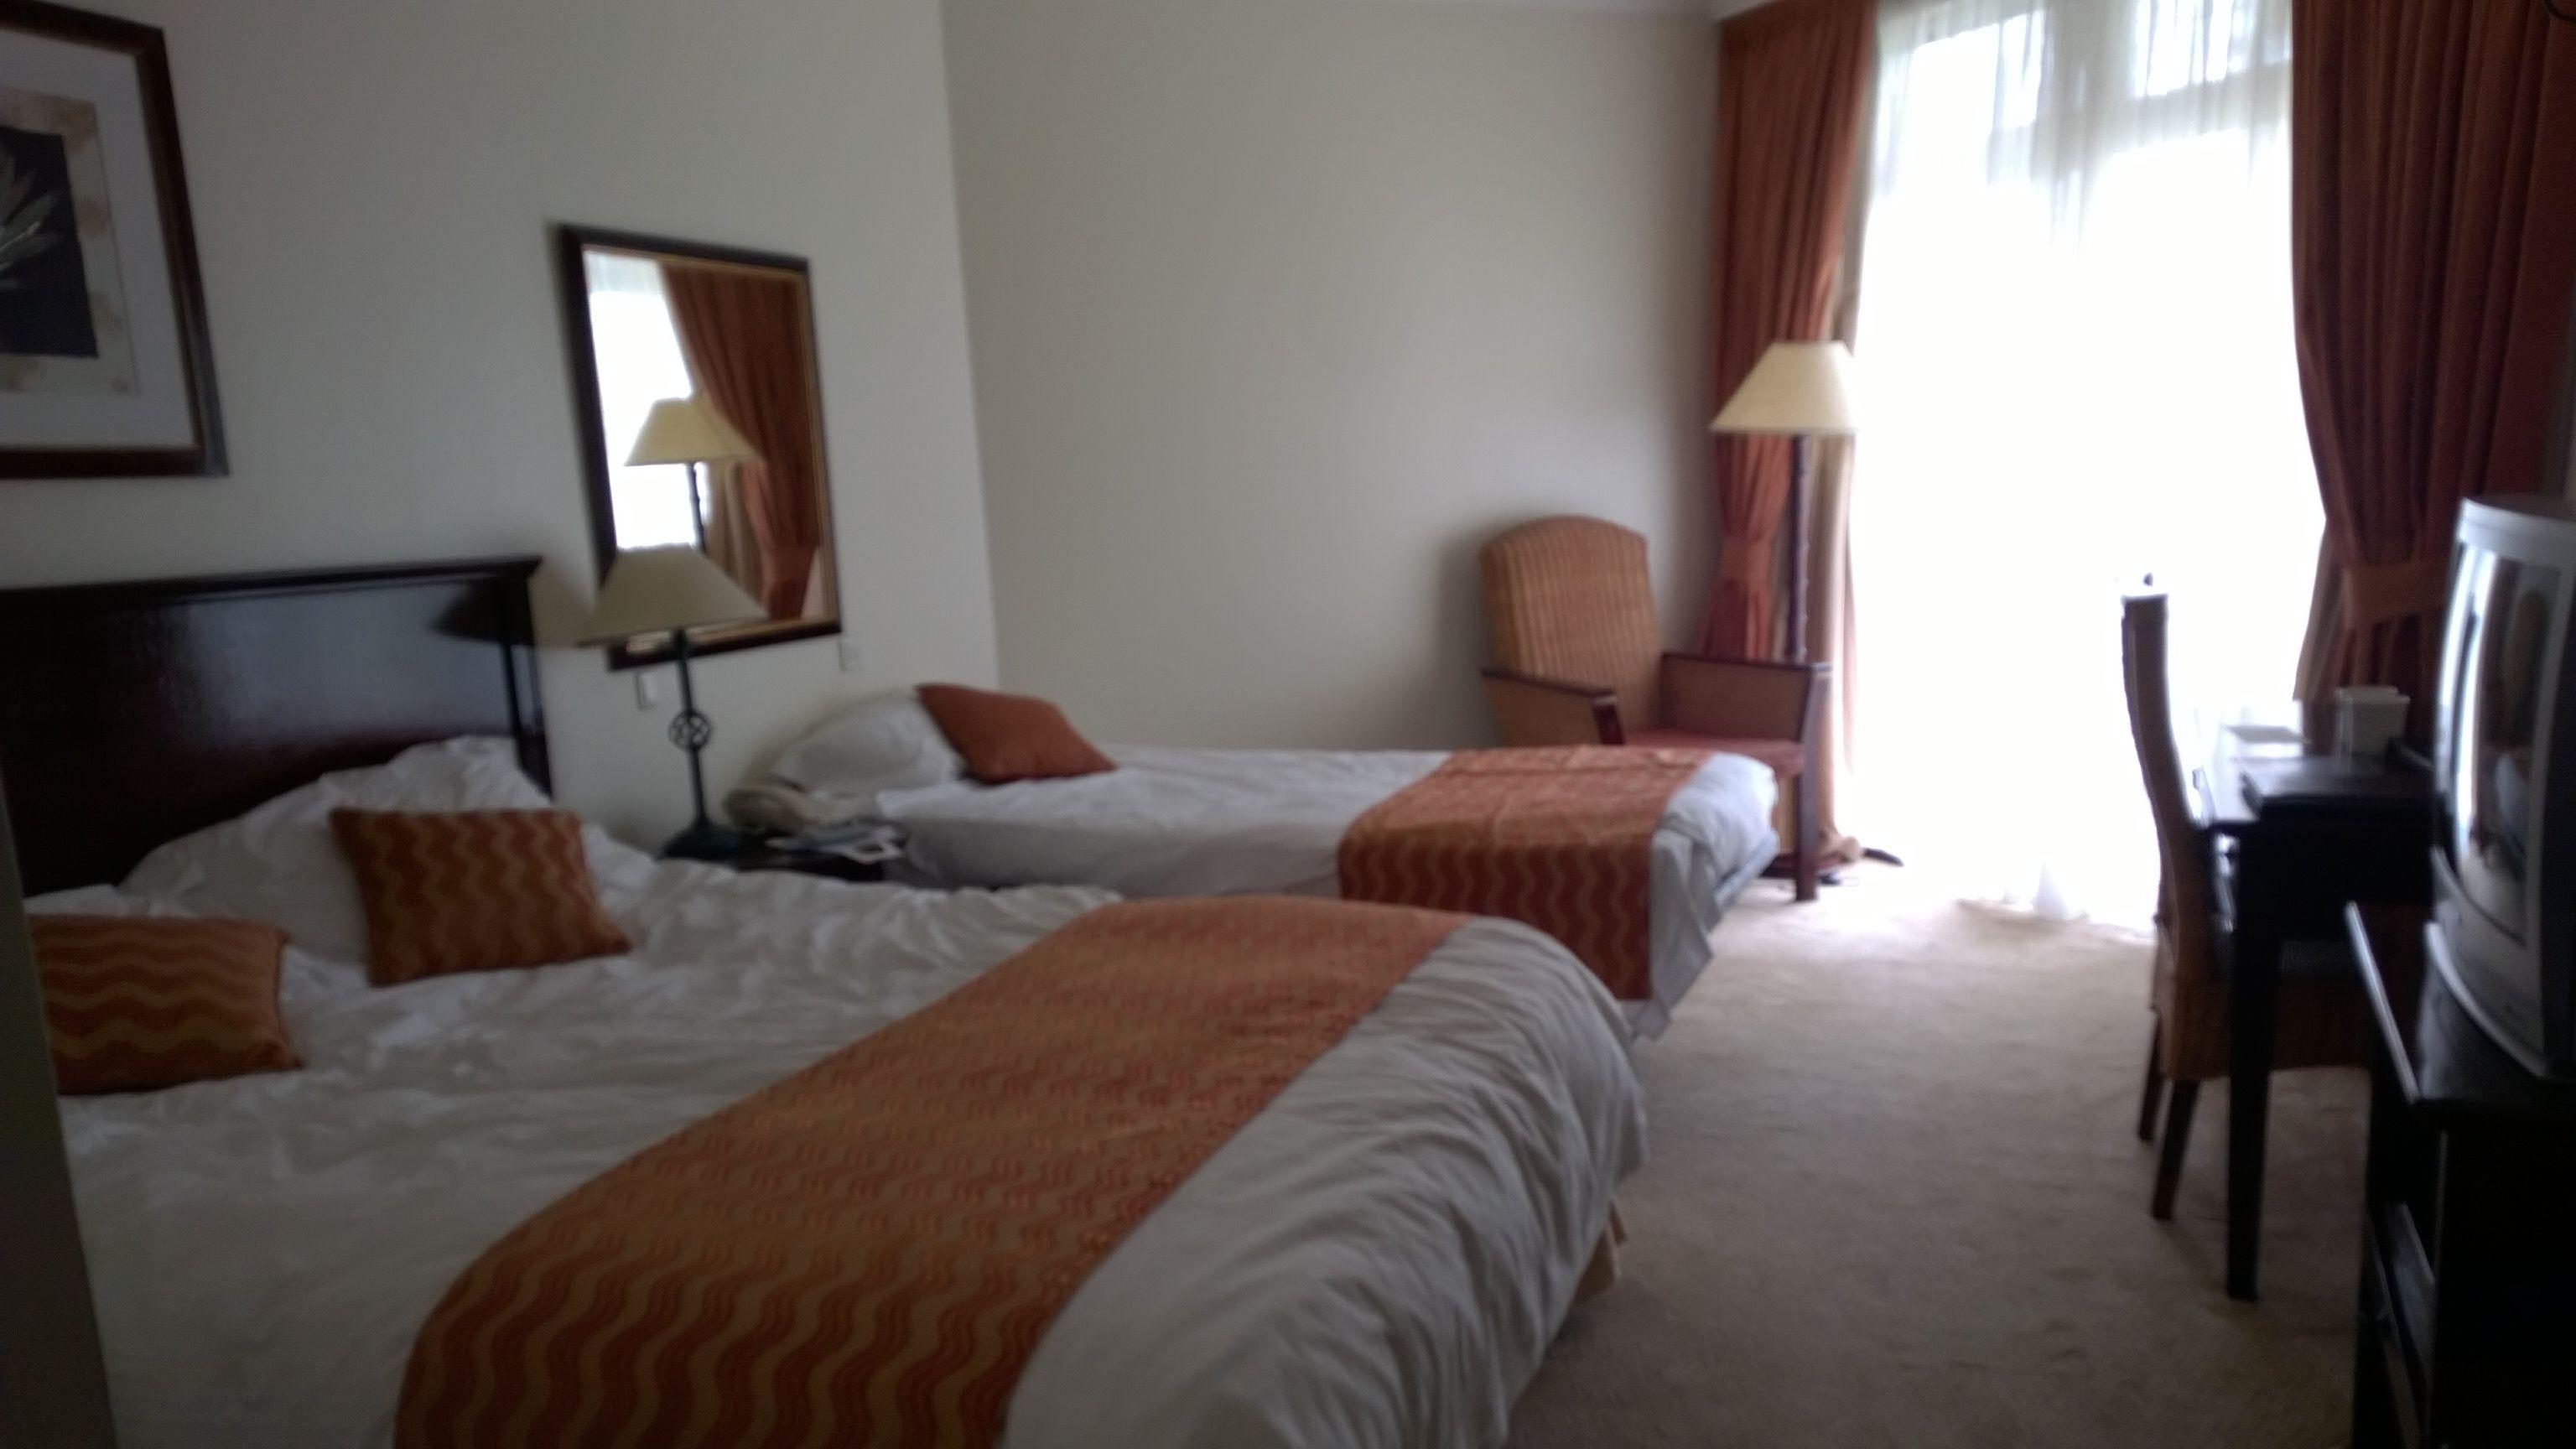 Hotel Review Lake Kivu Serena in Gisenyi, Rwanda